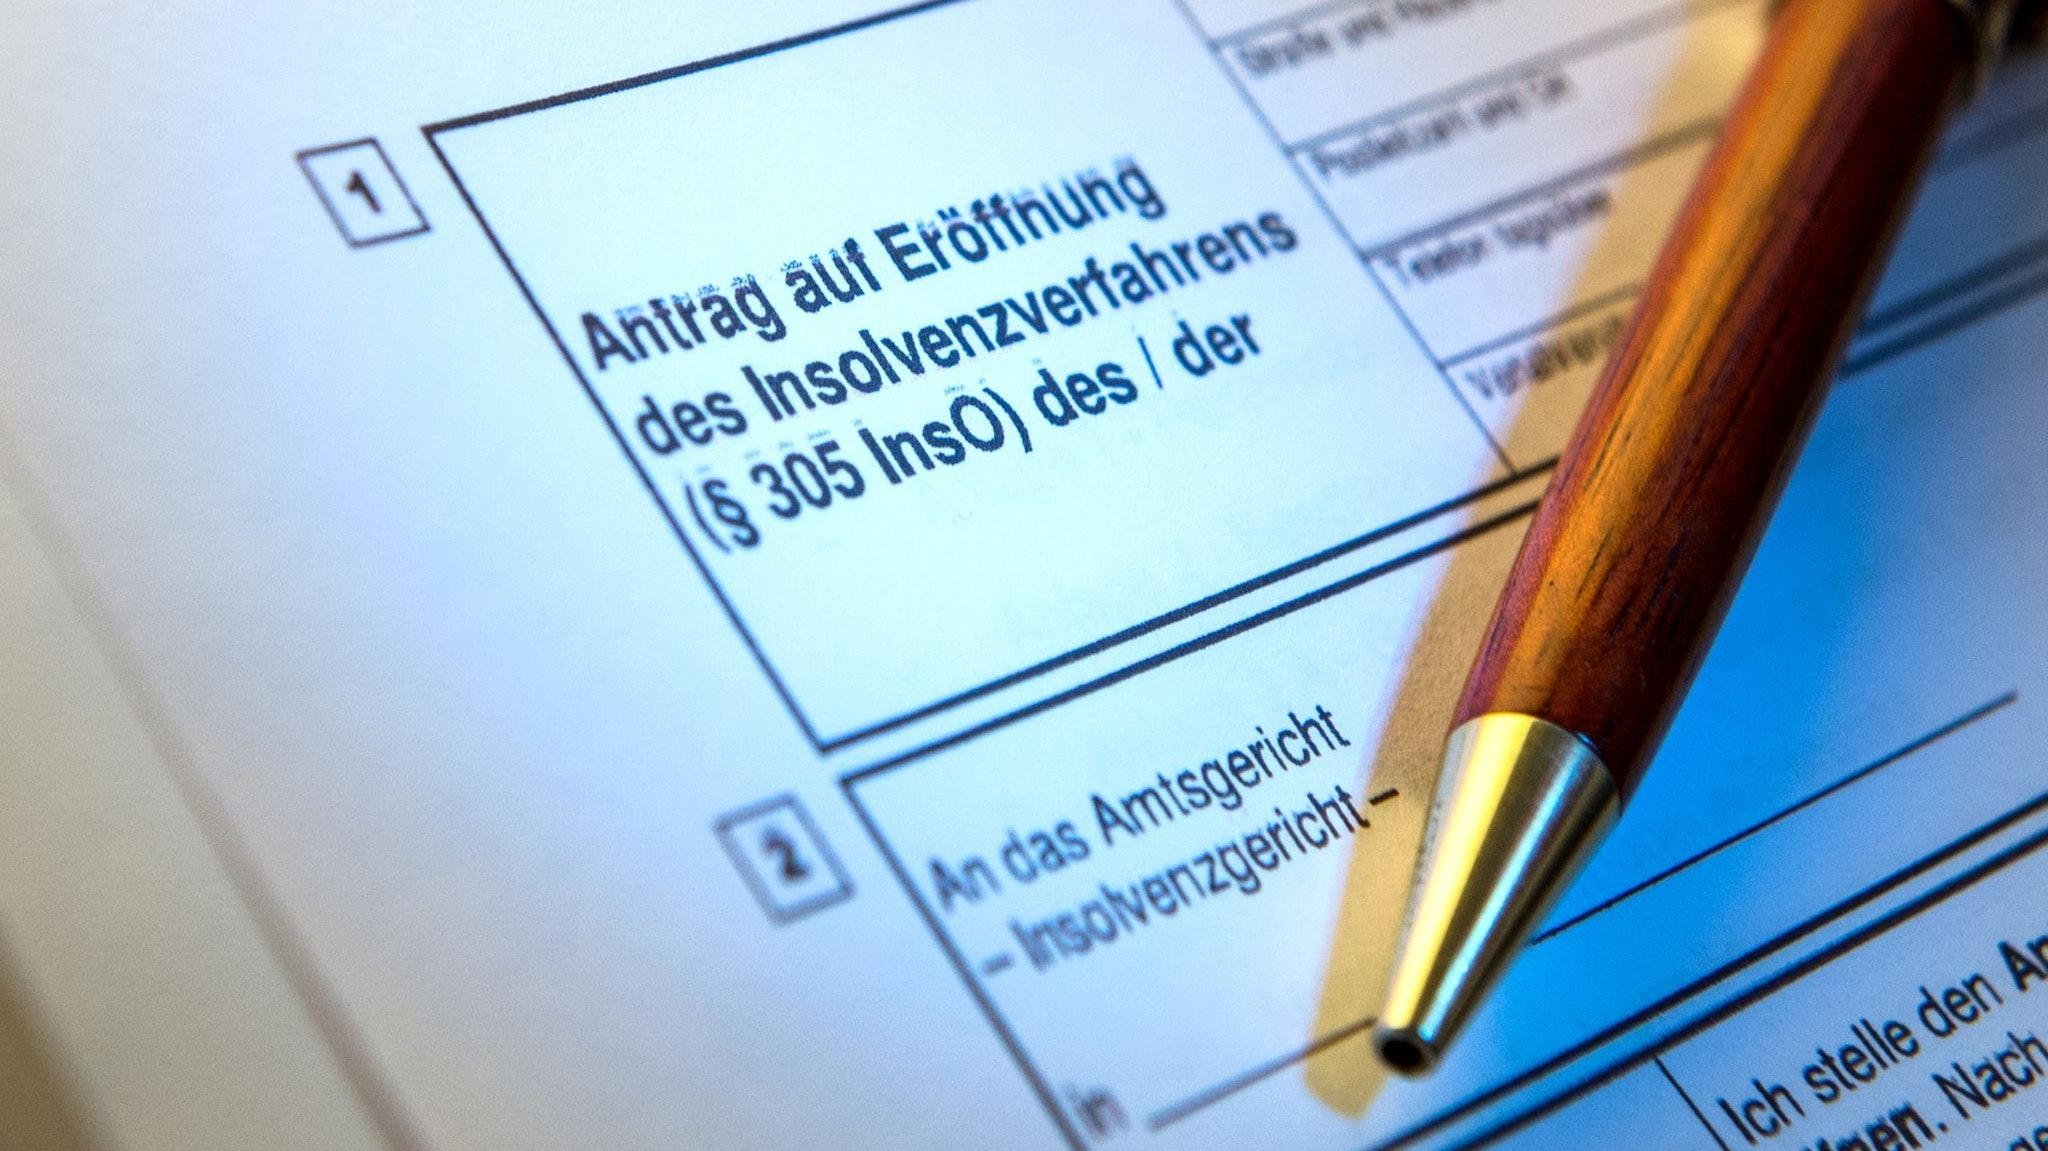 Debatte um Insolvenzantrags-Pflicht: Wie groß ist das Risiko? Foto: dpa/Heinl